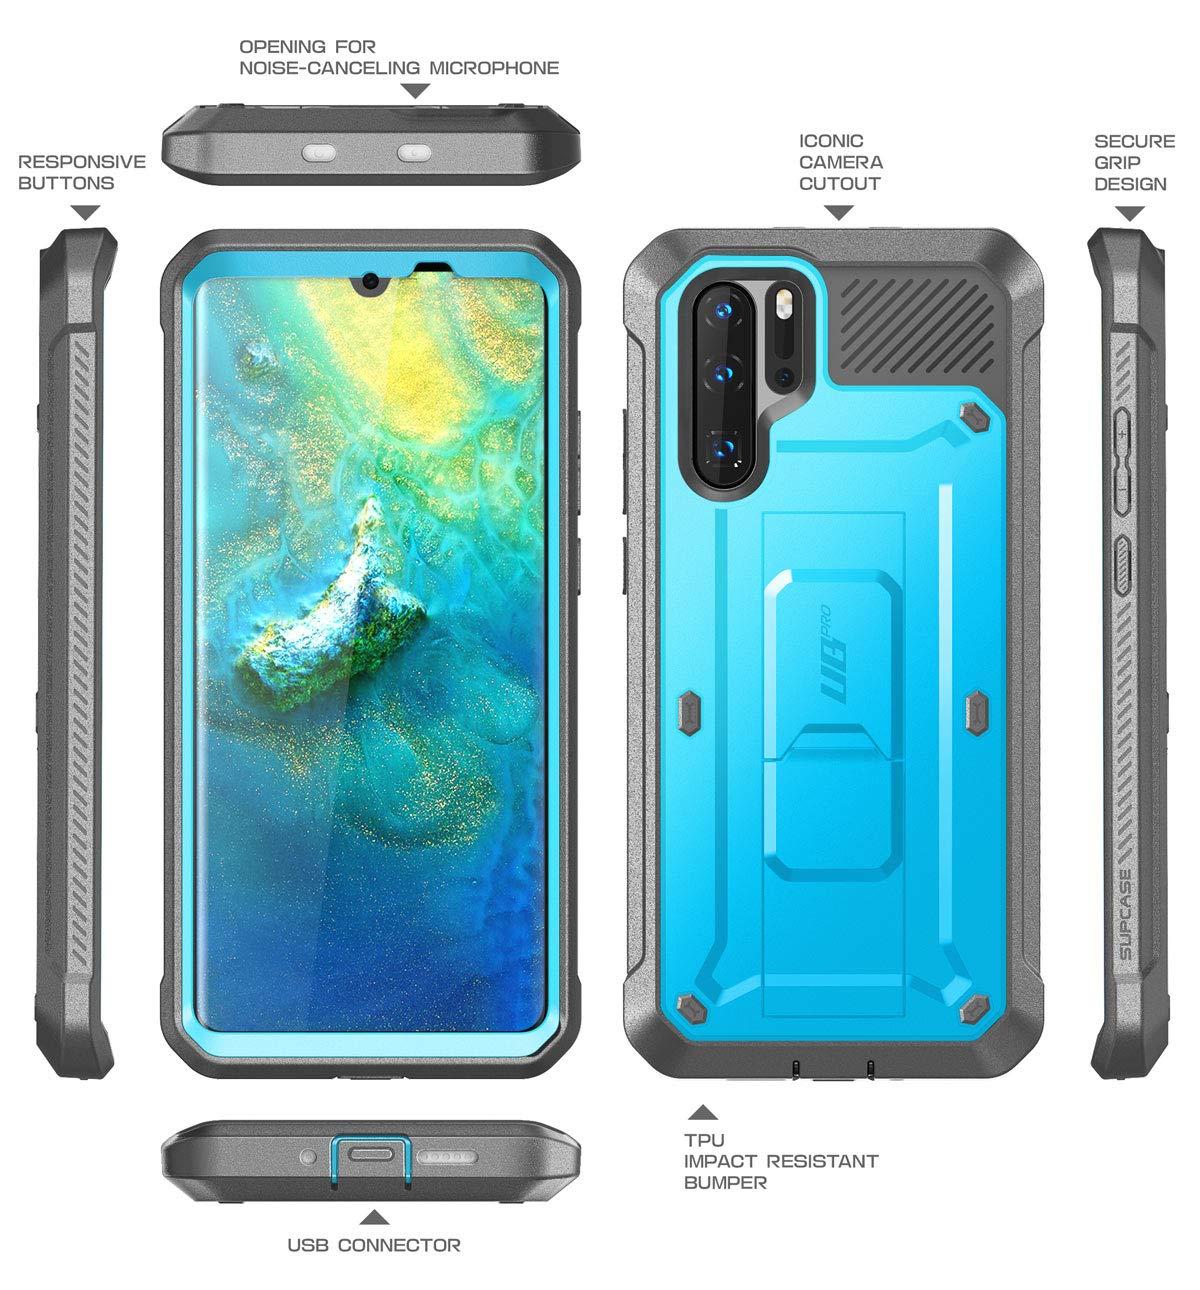 Noir pour Huawei P30 Pro 2019 6,47 Pouces SupCase Coque Huawei P30 Pro Unicorn Beetle Pro Coque Int/égrale de Protection Robuste Anti-Choc avec Protecteur d/écran Int/égr/é et B/équille